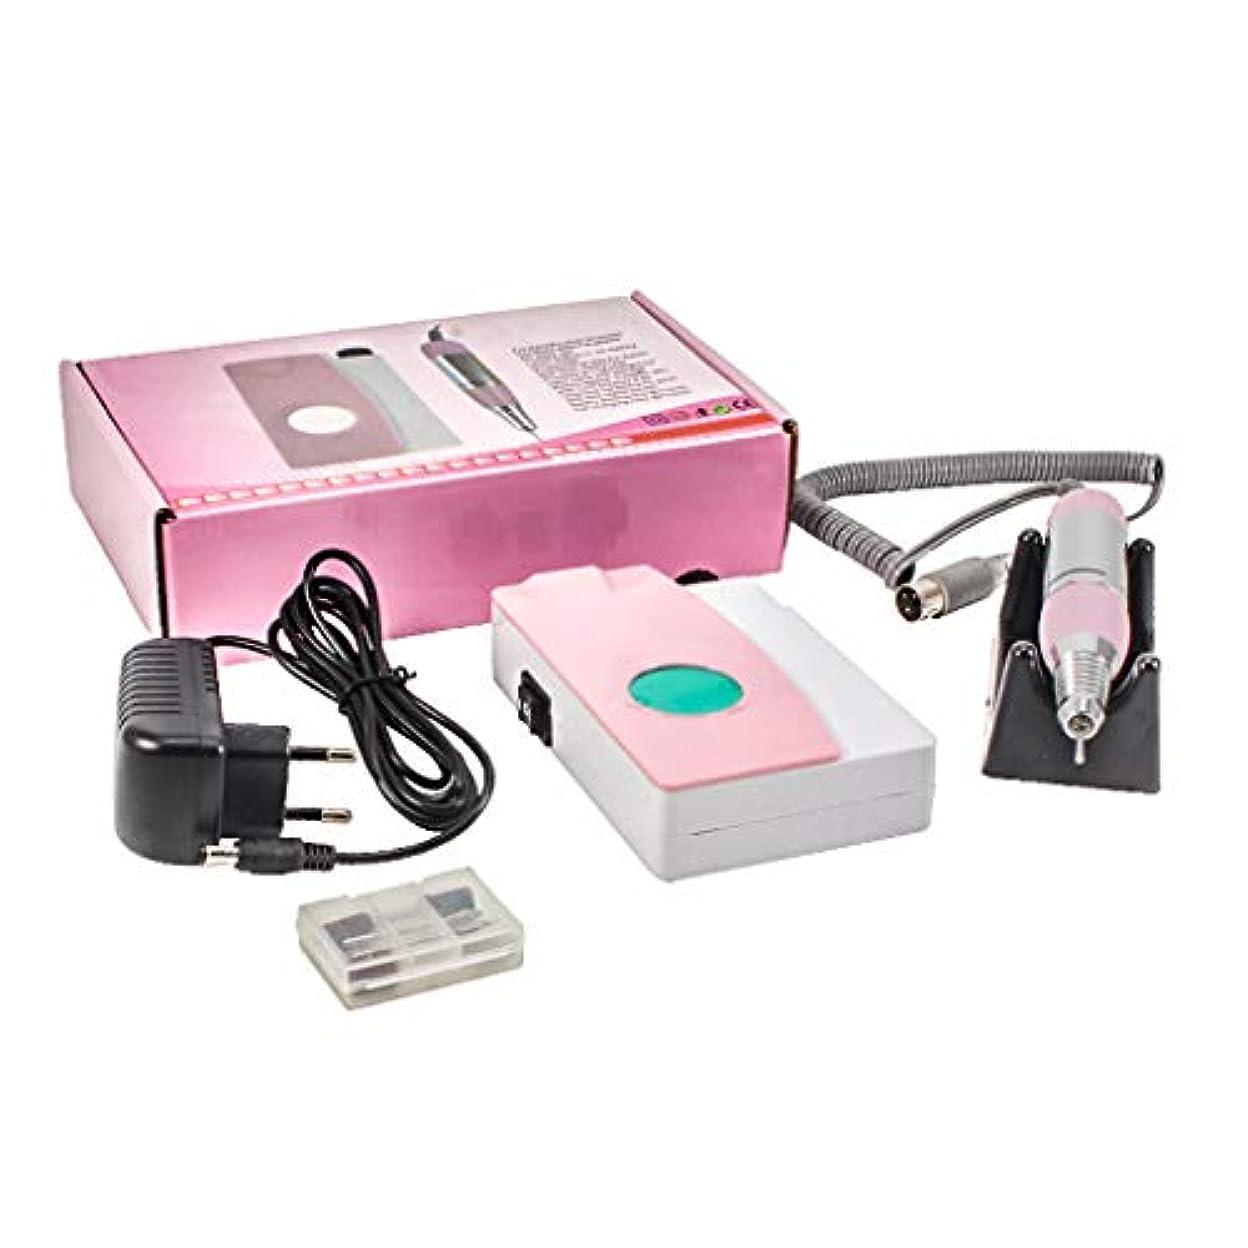 電気ネイルファイルドリルマシン、ディスプレイスクリーン、ポータブルコードレス12Vのドリルビット付き充電式研磨機、プロ用または家庭用ネイルアート機器25000 RPM